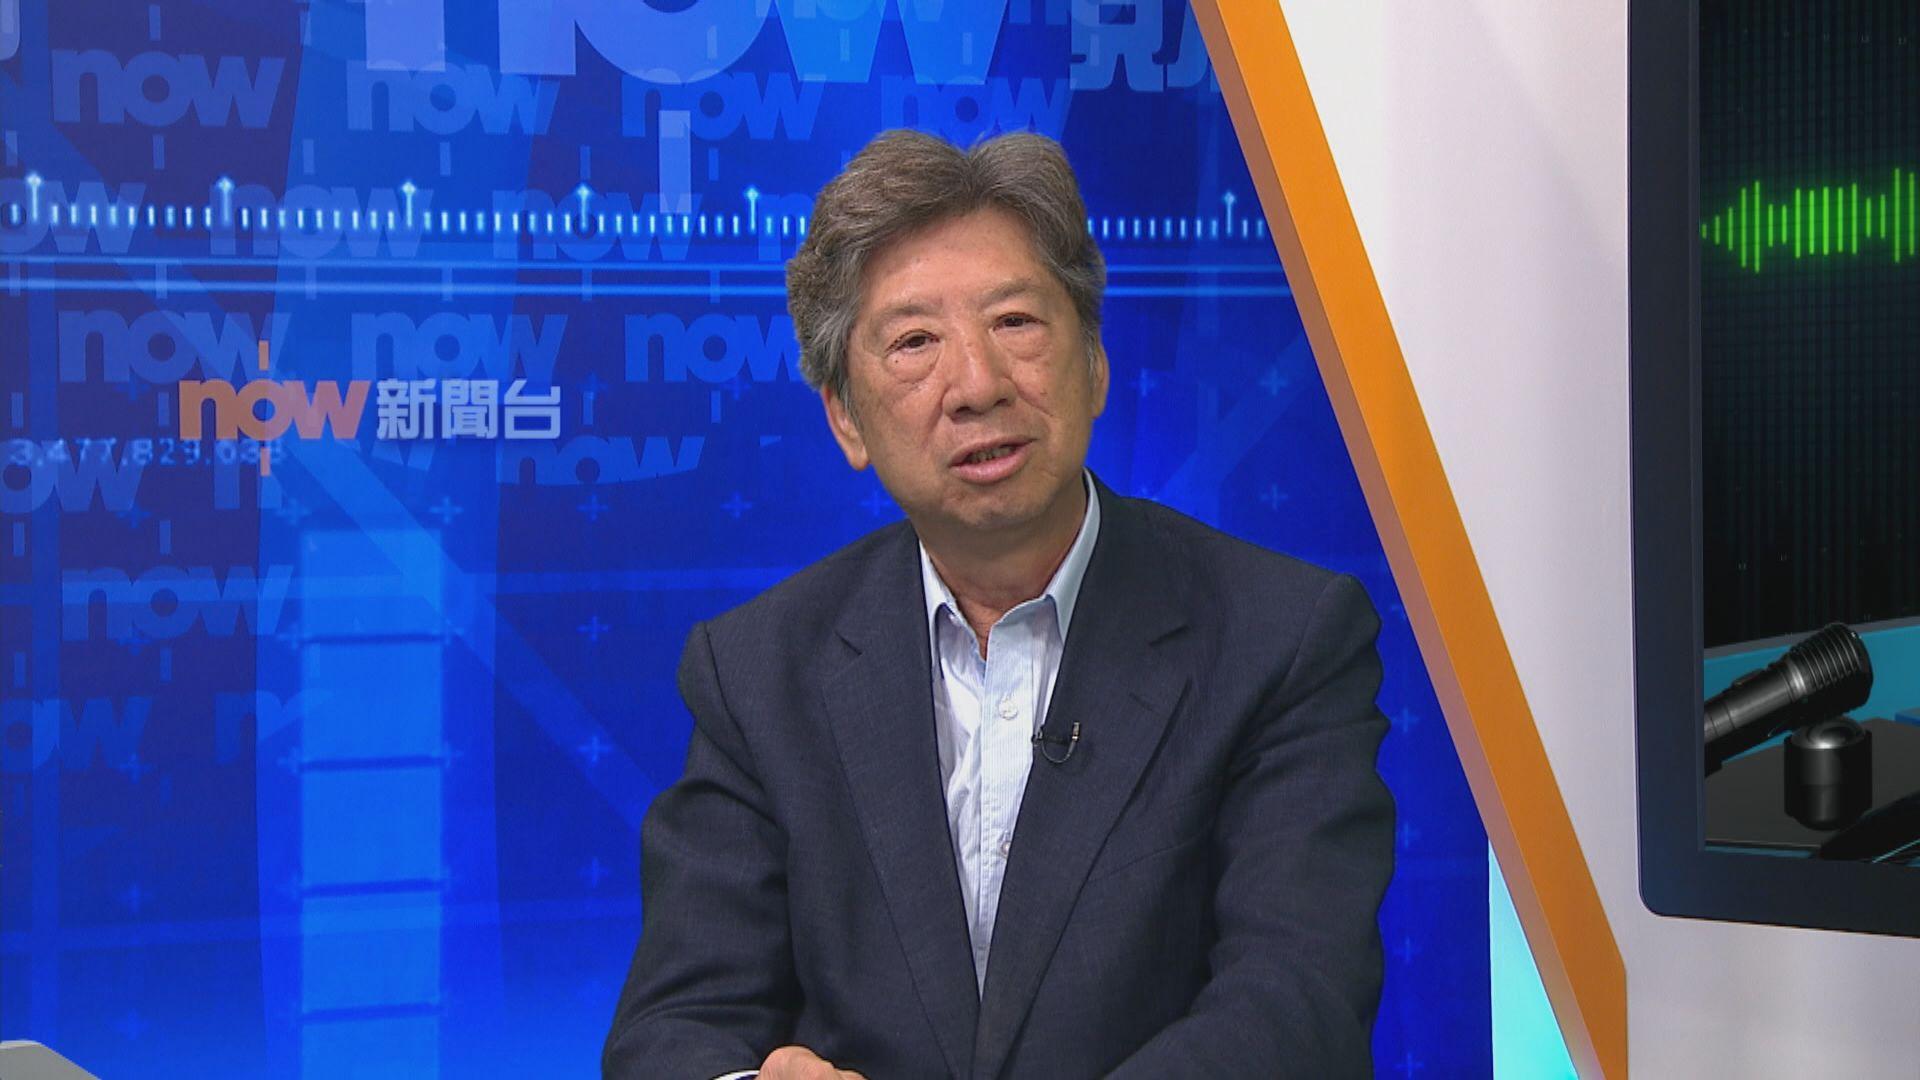 湯家驊︰李慧琼仍有主席權力 可繼續主持內會